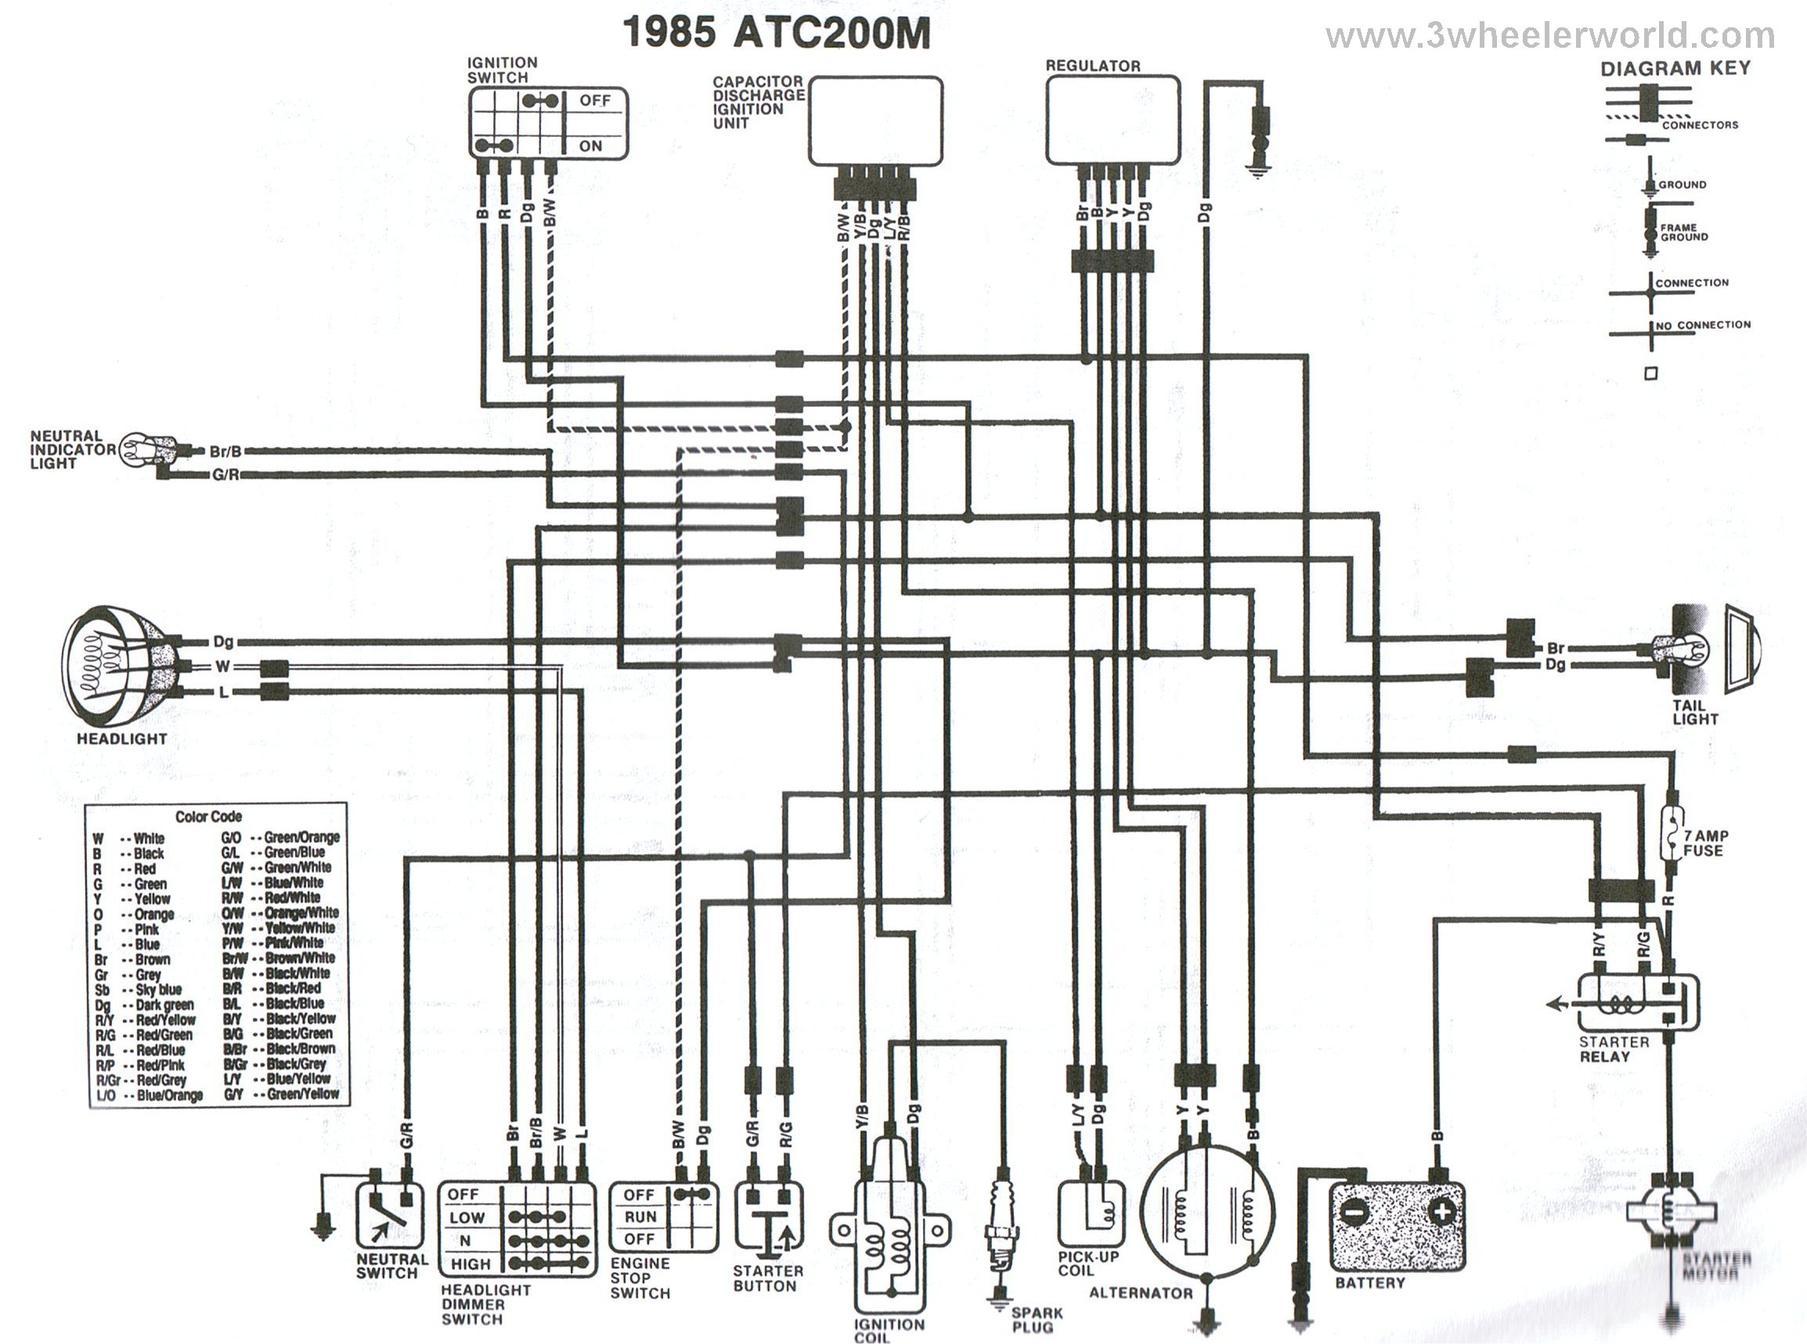 2005 Ford F350 Trailer Ke Wiring Diagram. Ford. Auto